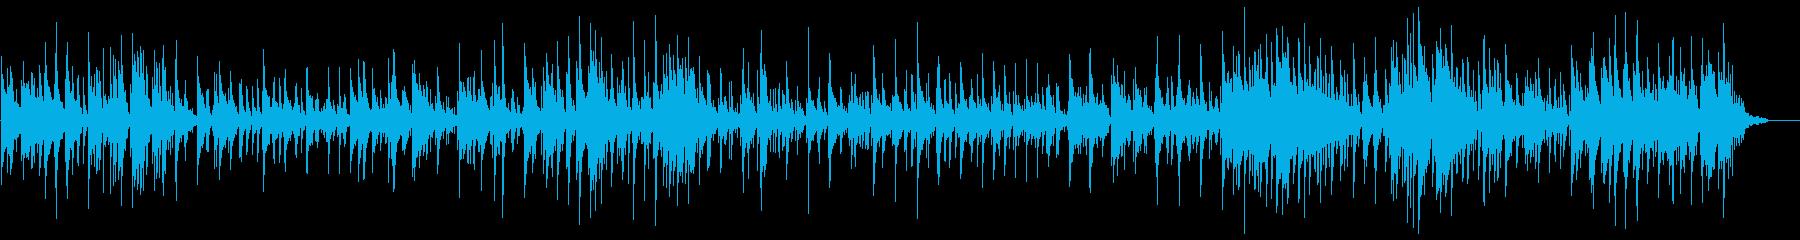 ピアノトリオのジャズバラードの再生済みの波形